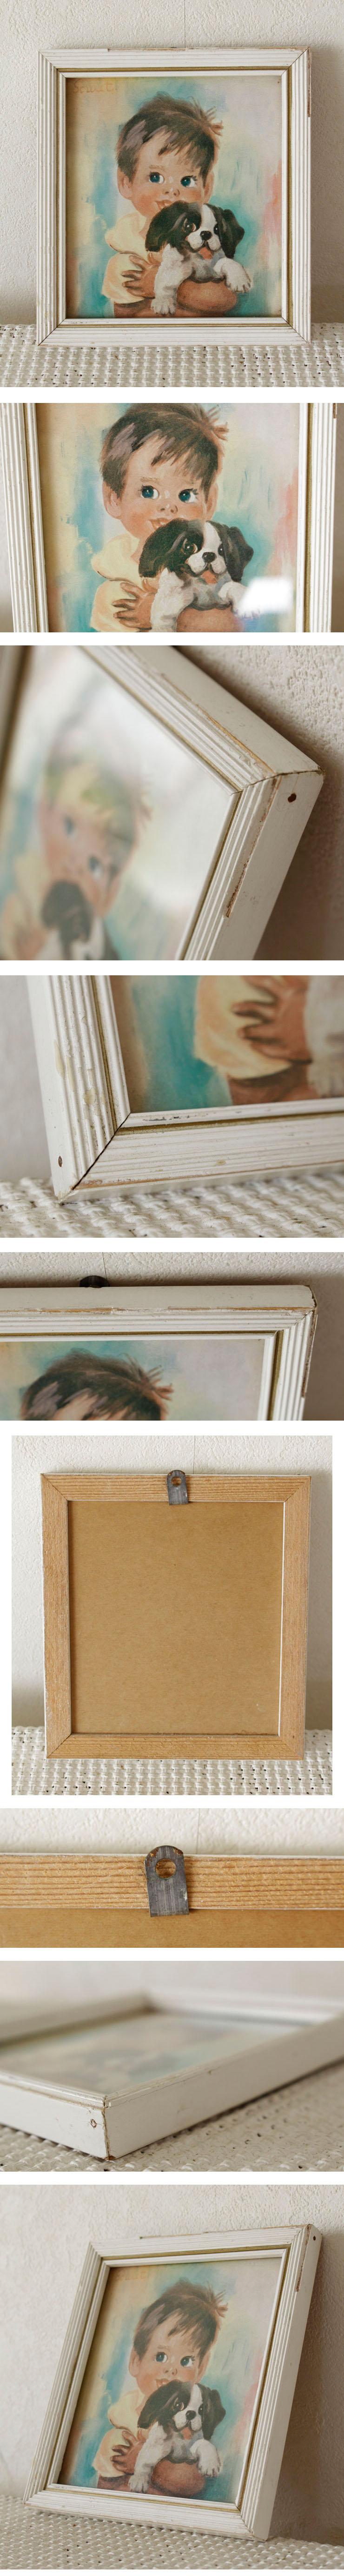 イギリス製・絵画・額入り・アンティーク・ビンテージ・児童画